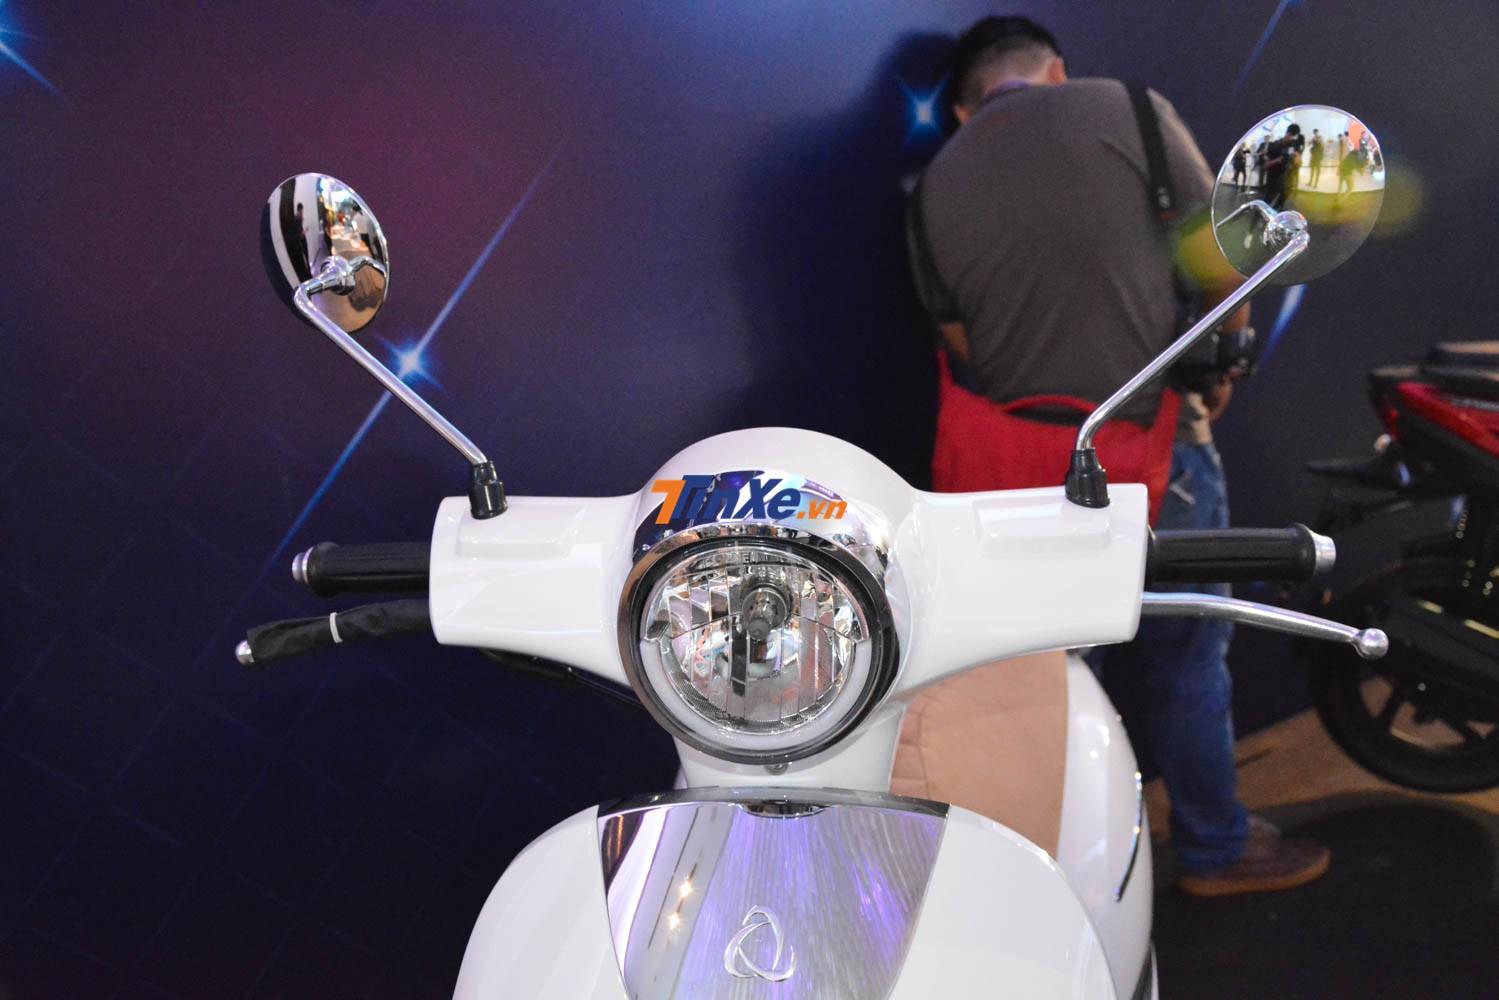 UMG Motor Selena với thiết kế đèn pha đơn giản